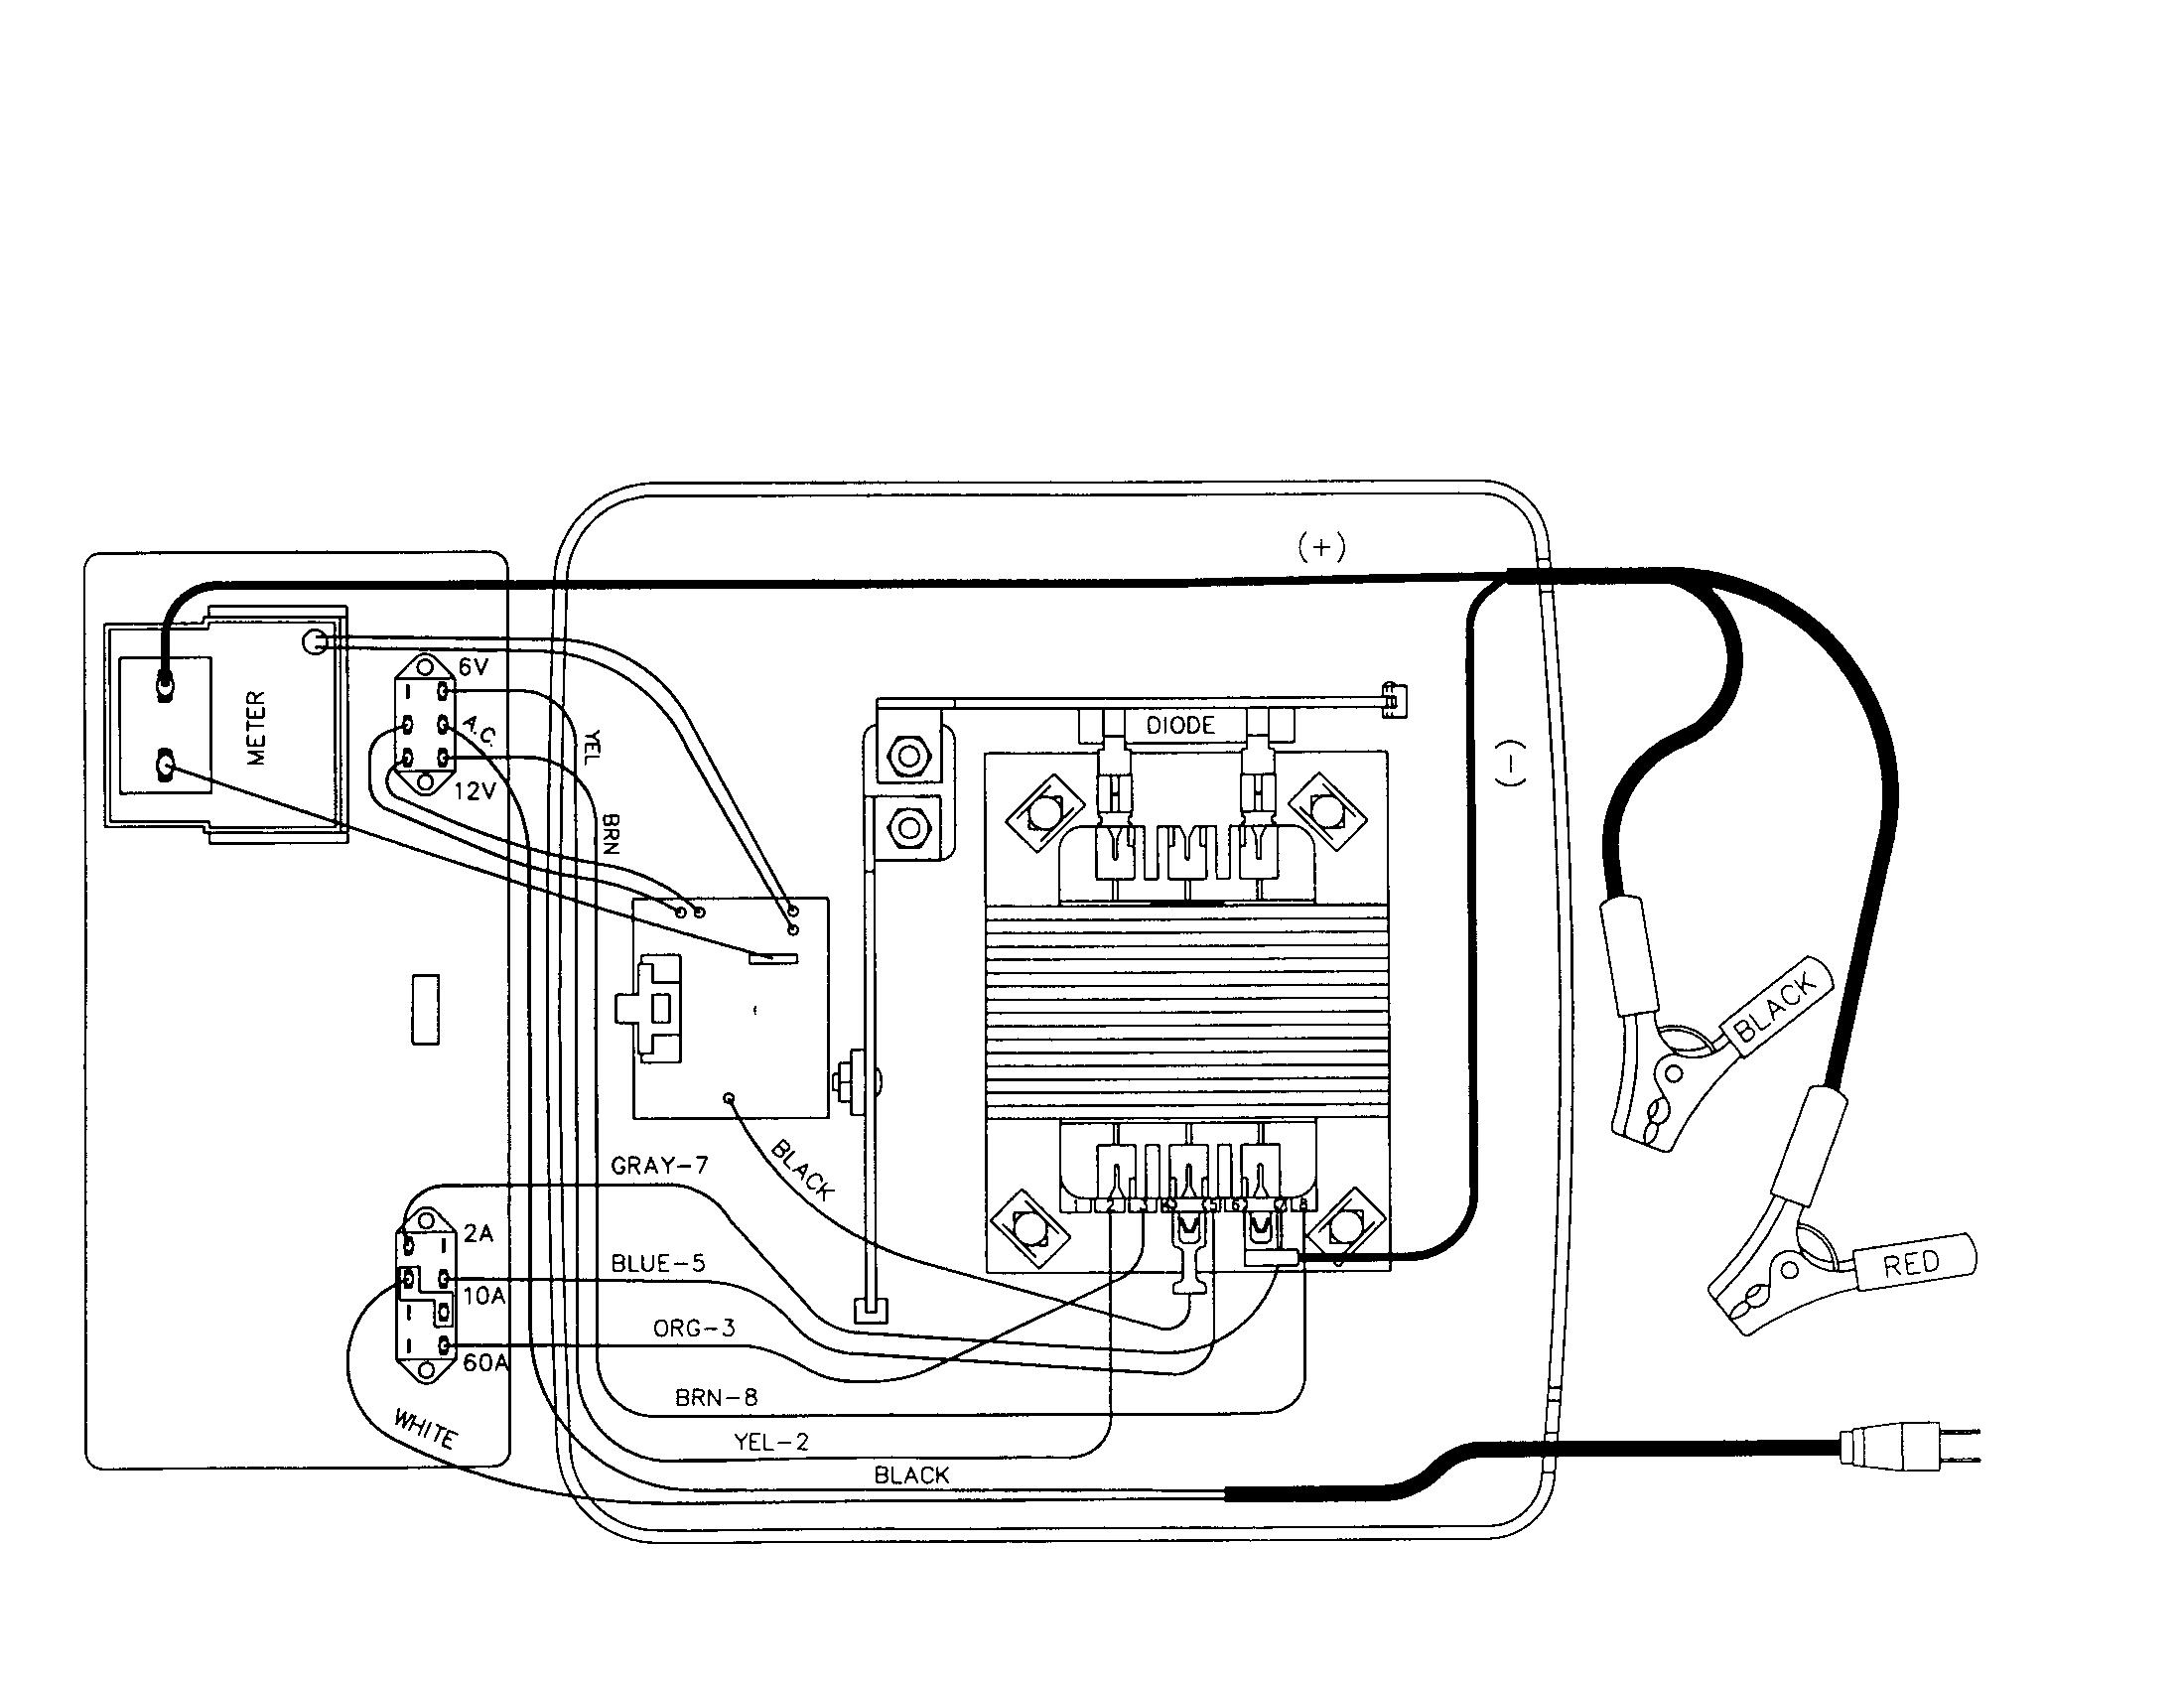 schumacher battery charger wiring diagram | scwam battery charger schematic | Pinterest